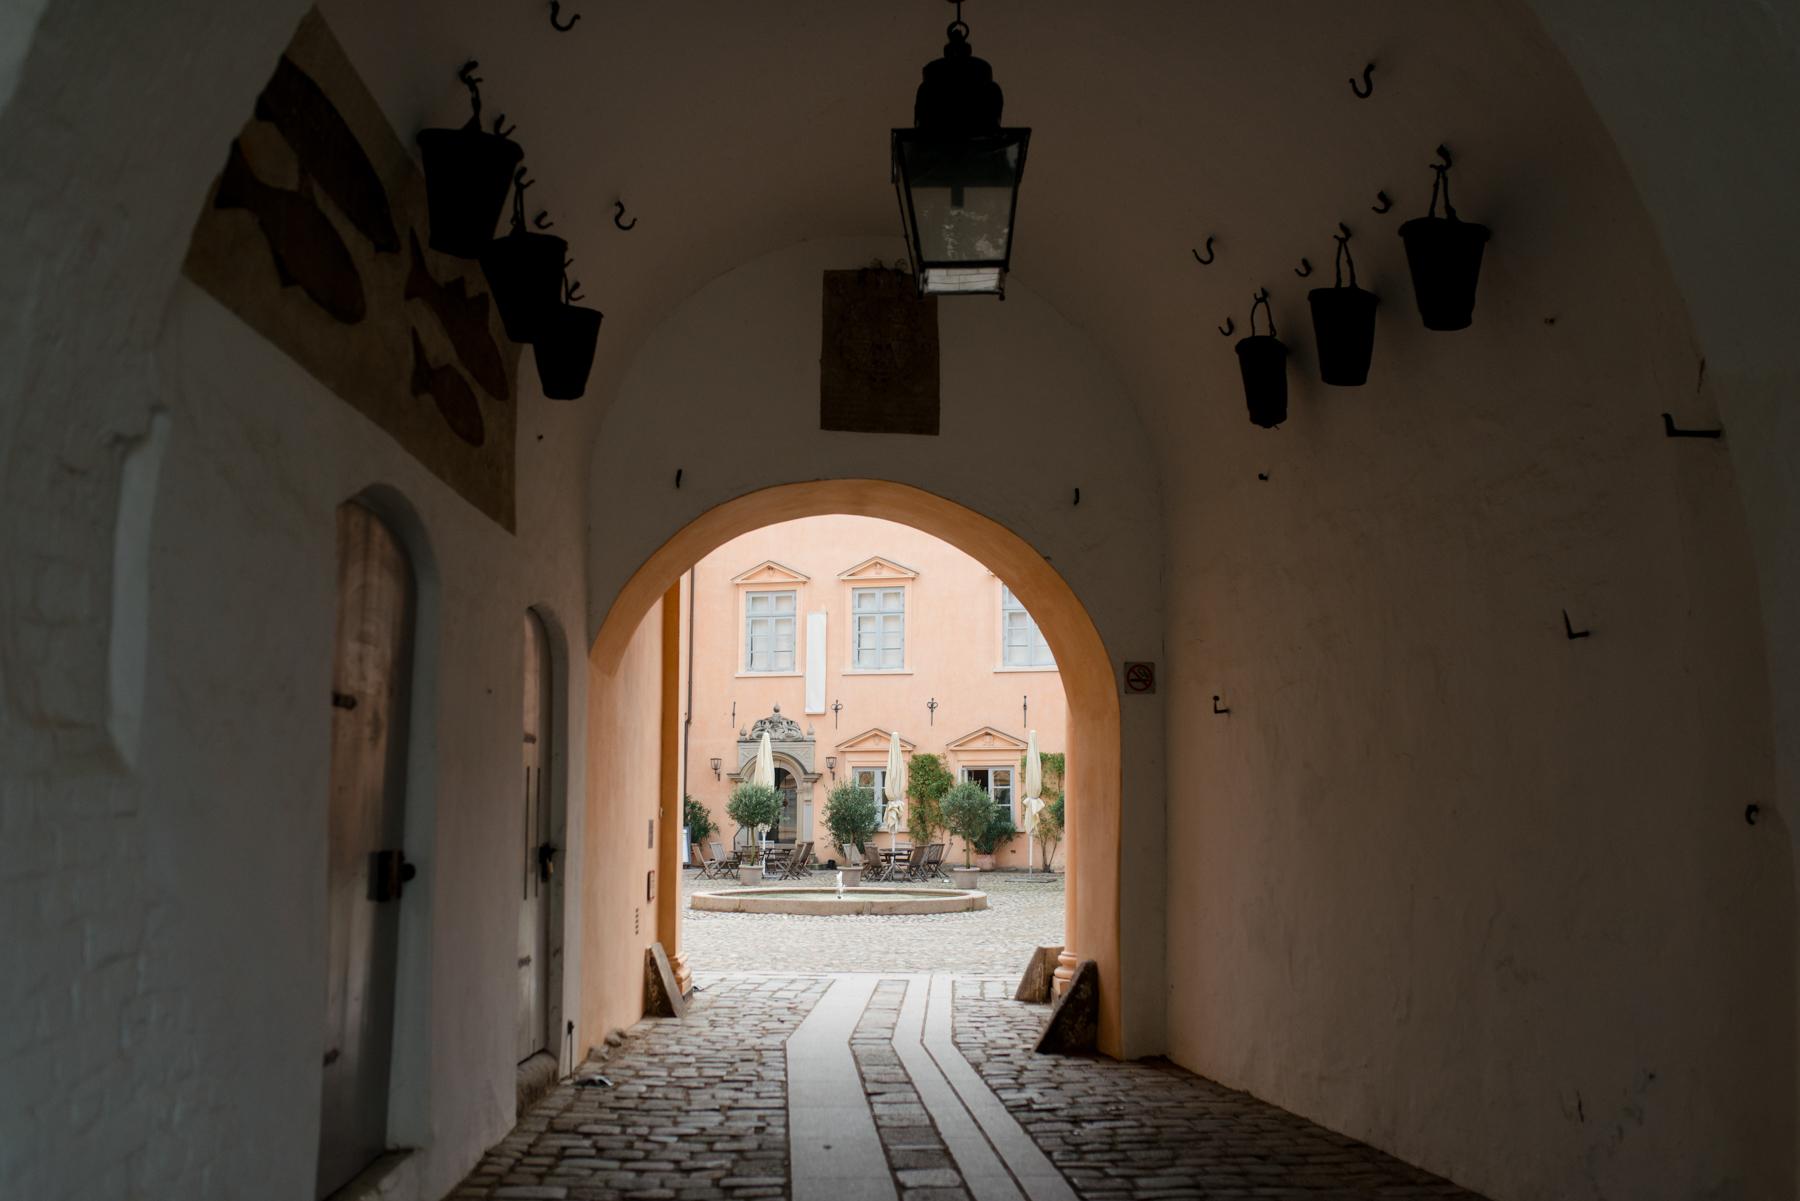 Bluhm-Hochzeitsfotograf-HochzeitamMeer-5.jpg